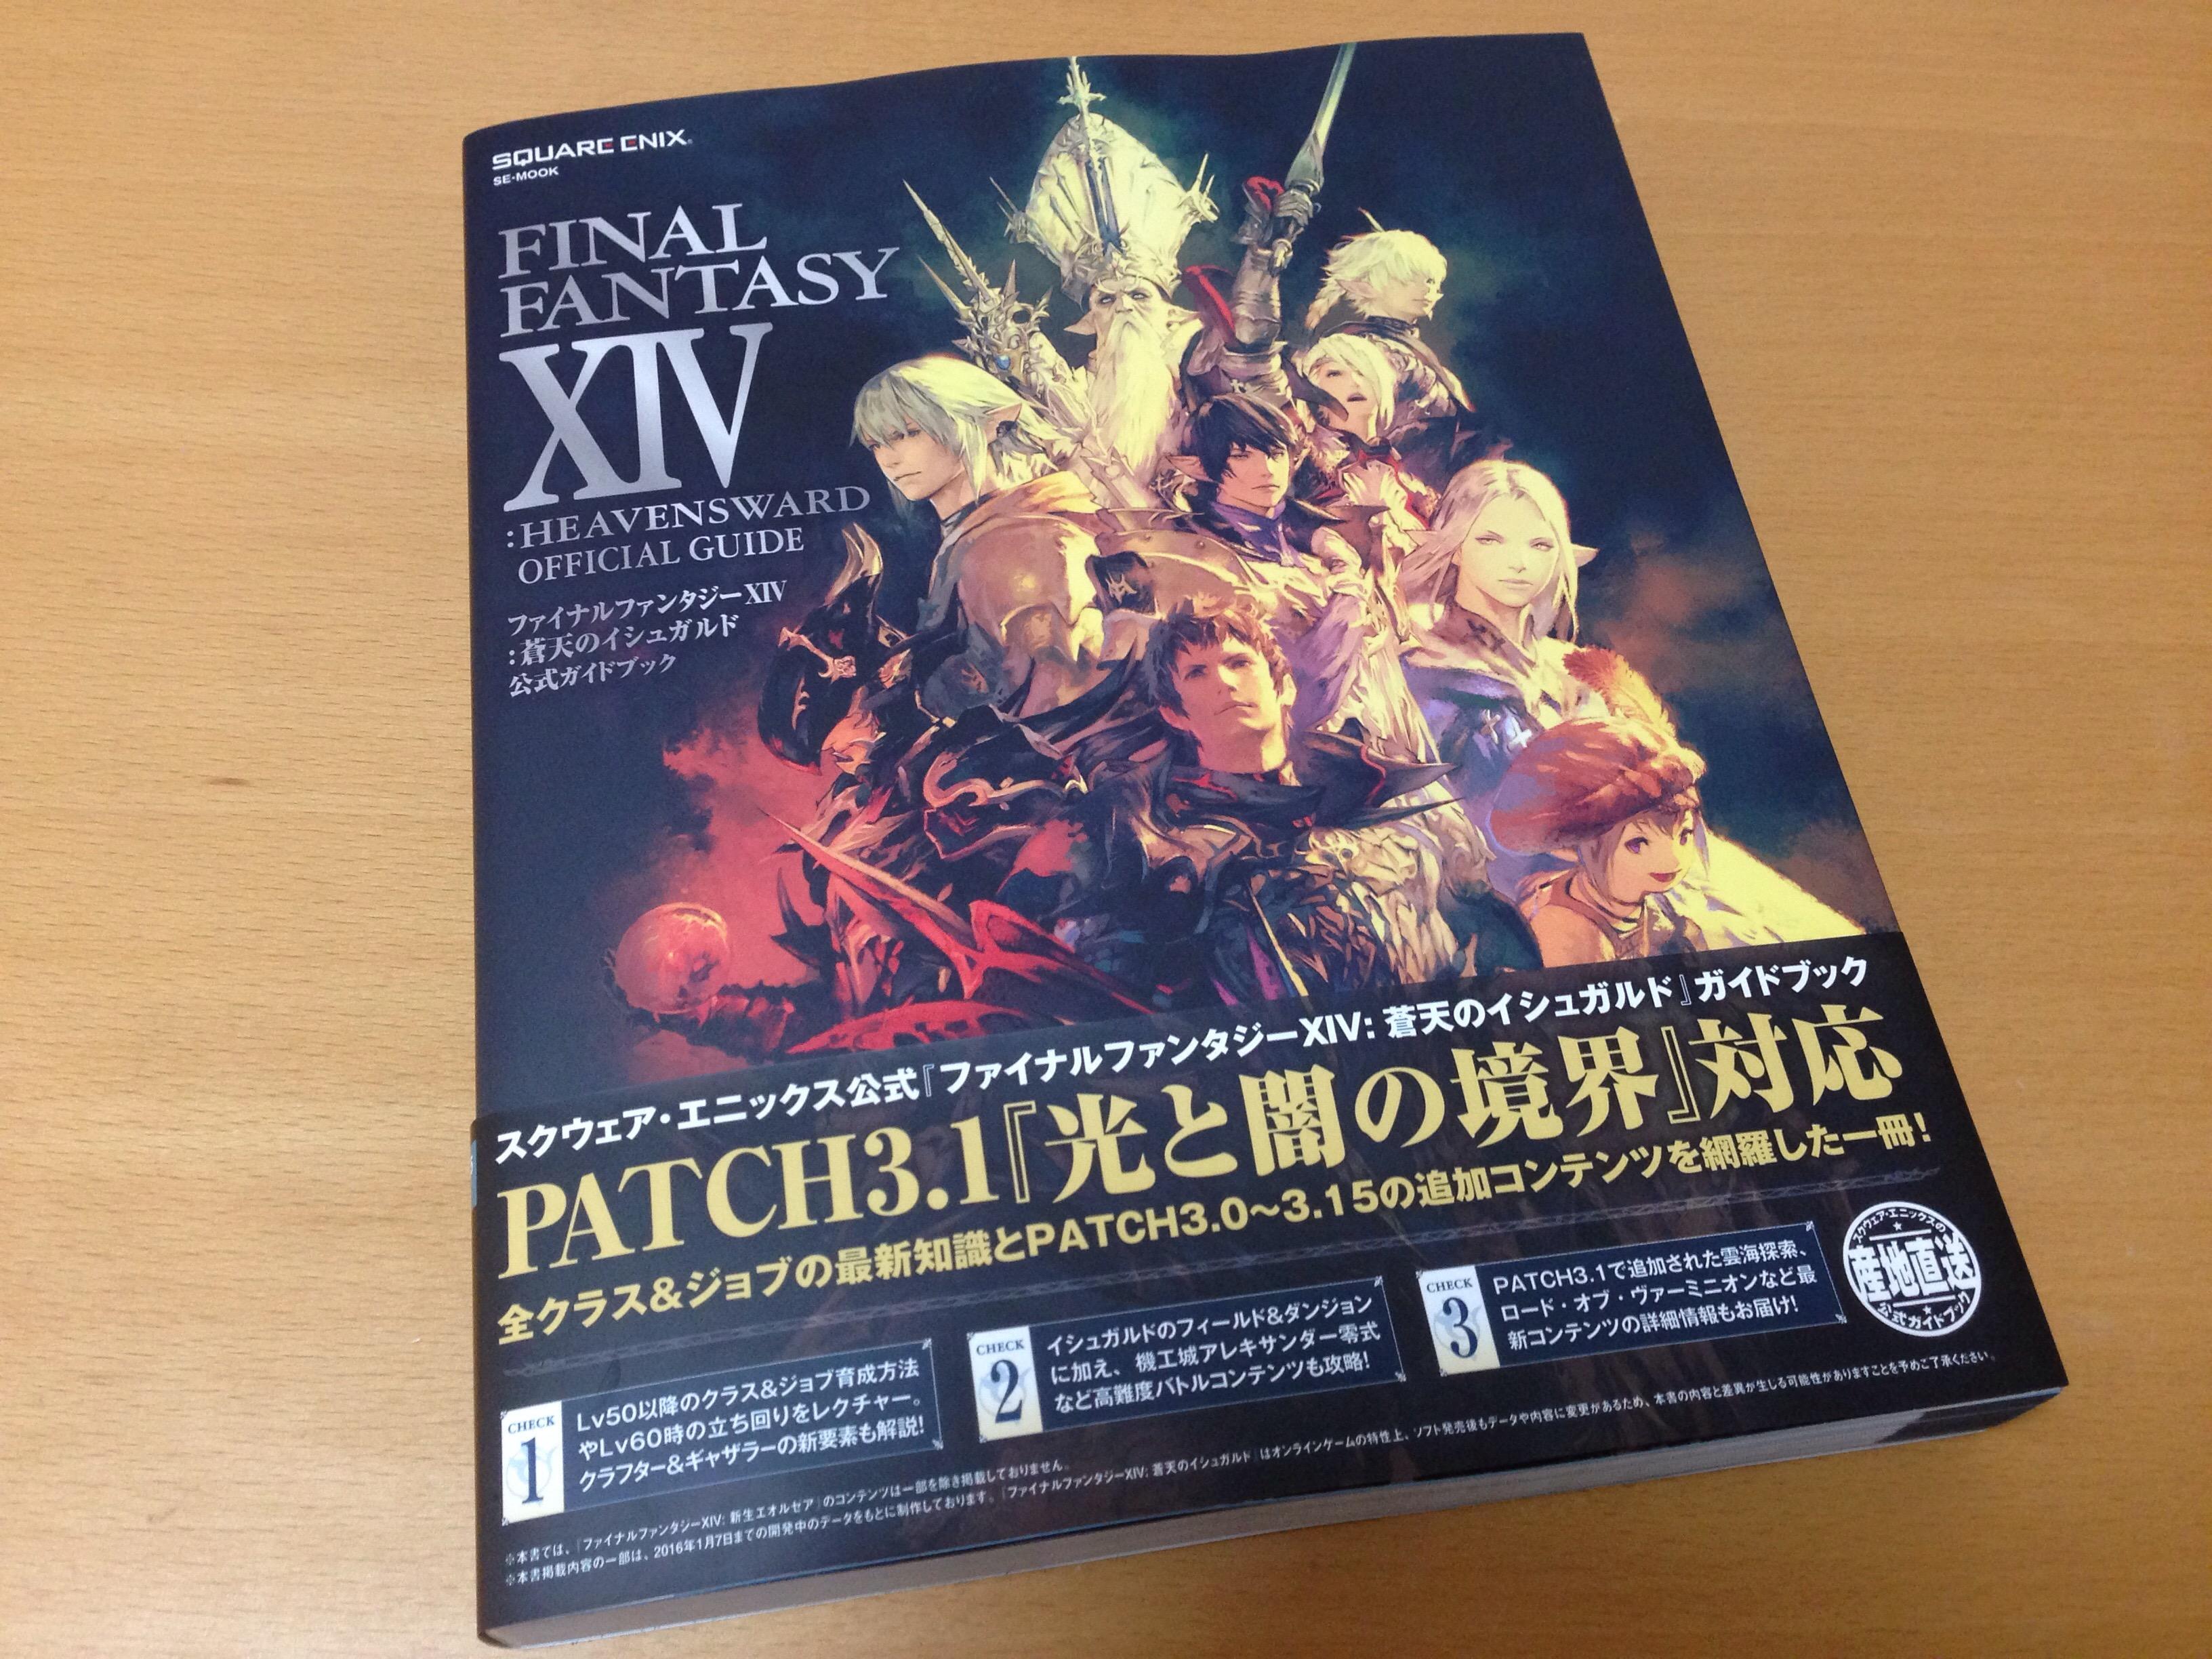 FF14攻略本の決定版!蒼天のイシュガルド(パッチ3.0シリーズ)公式ガイドブック